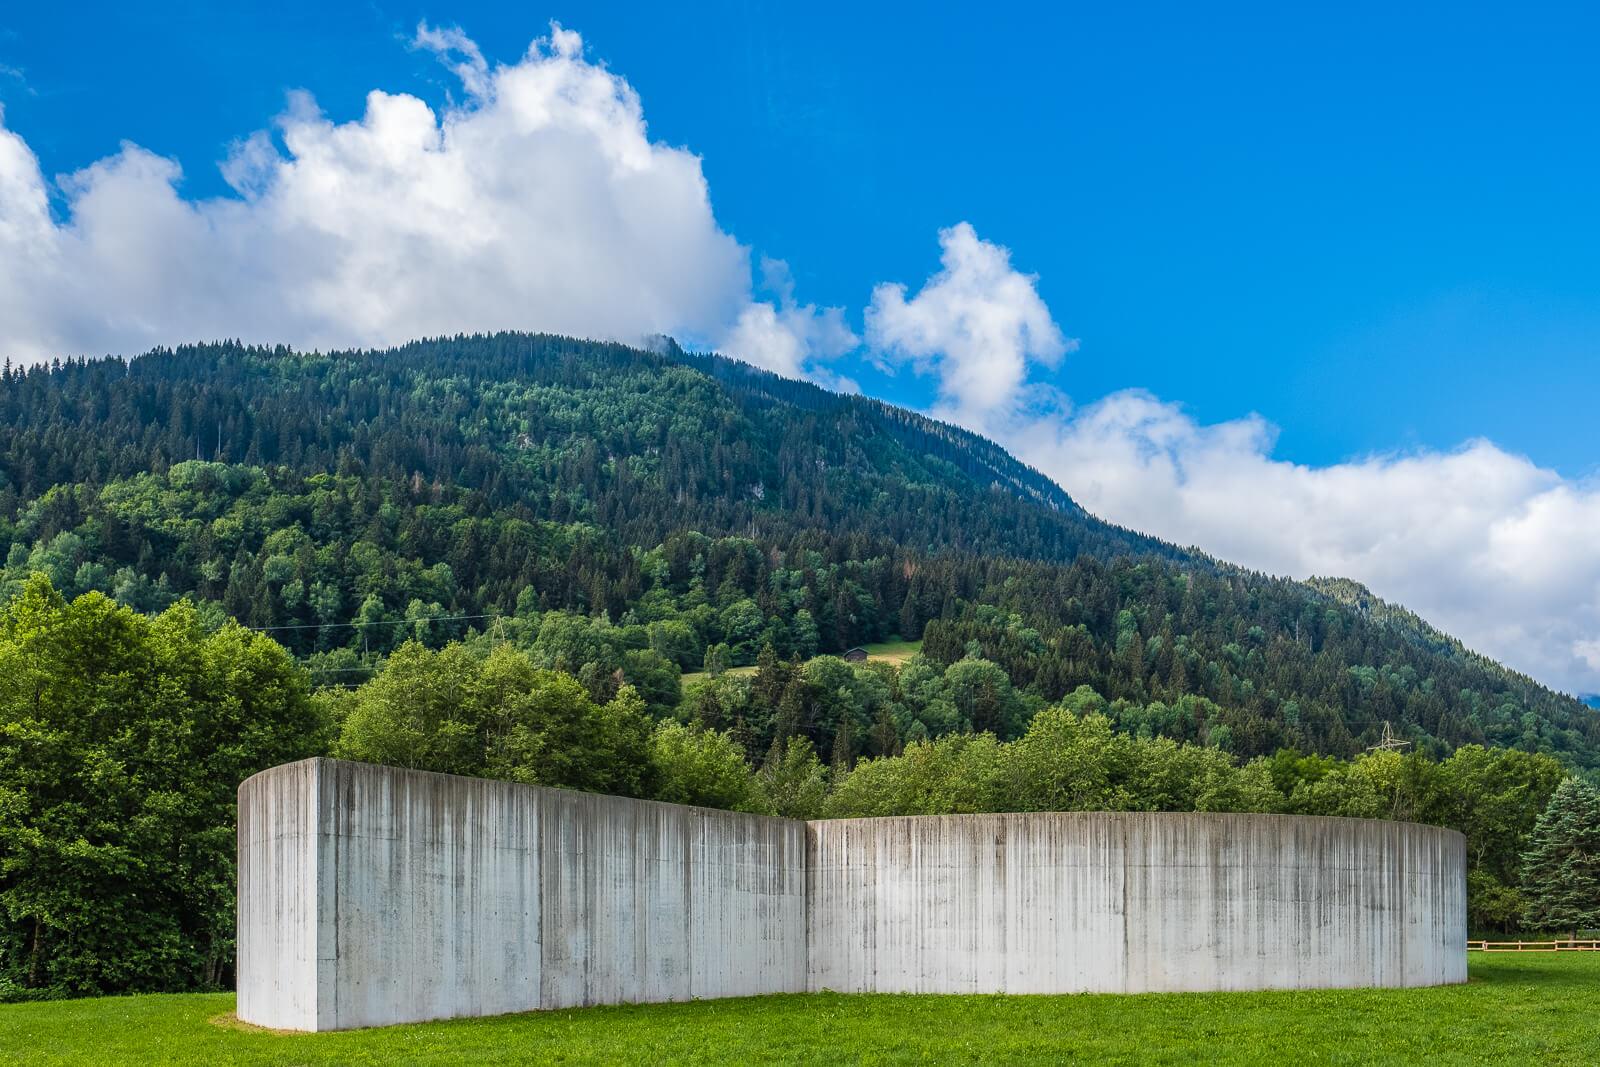 OGNA in Trun, Switzerland